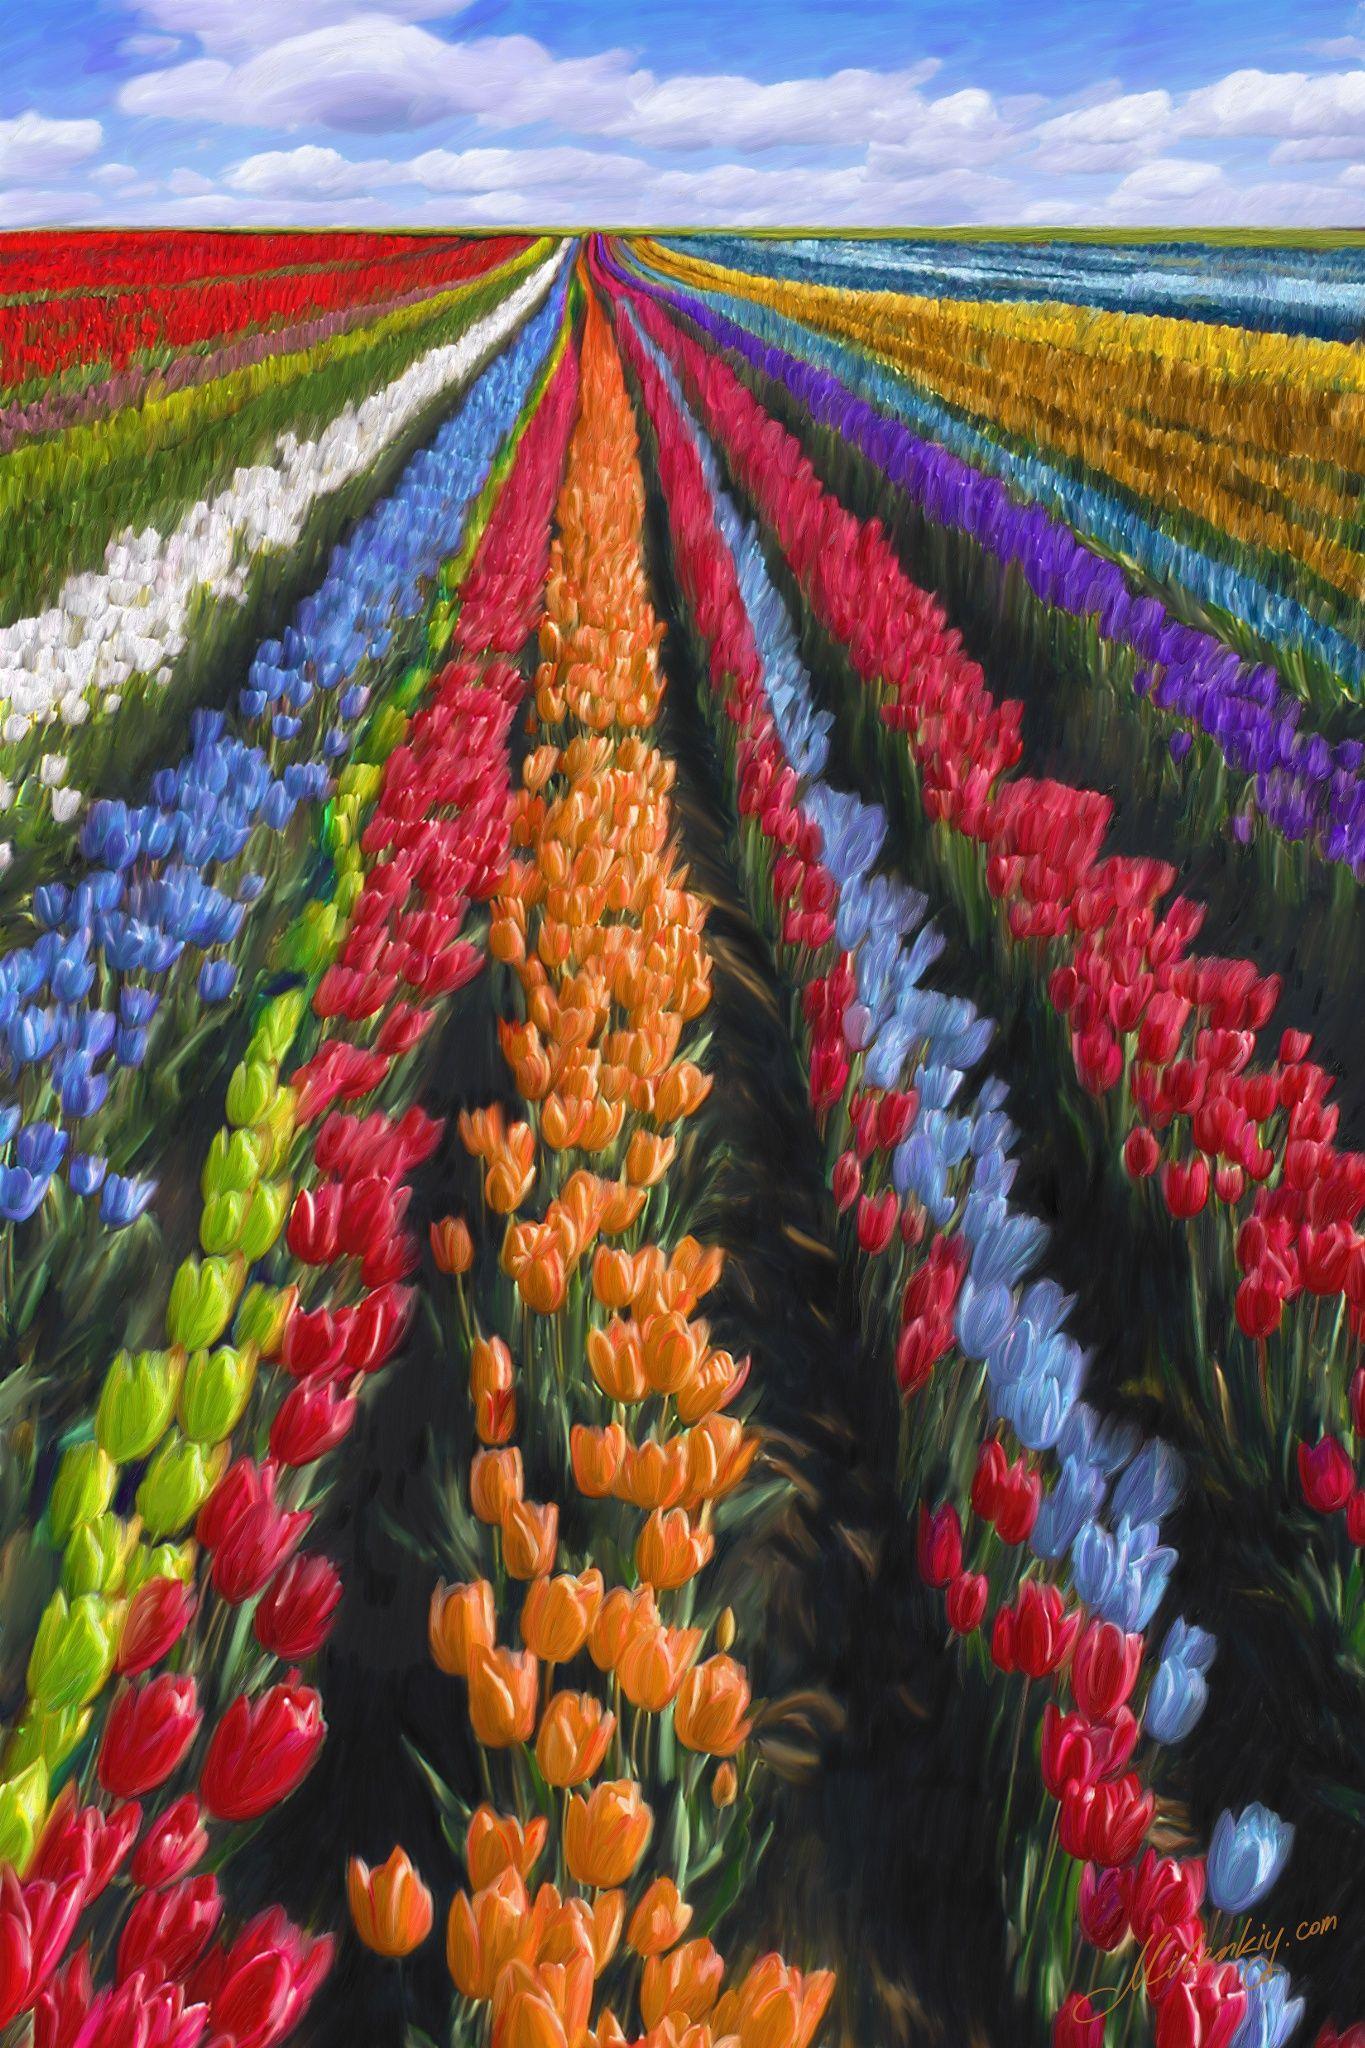 campo de tulipanes en Holanda  holanda